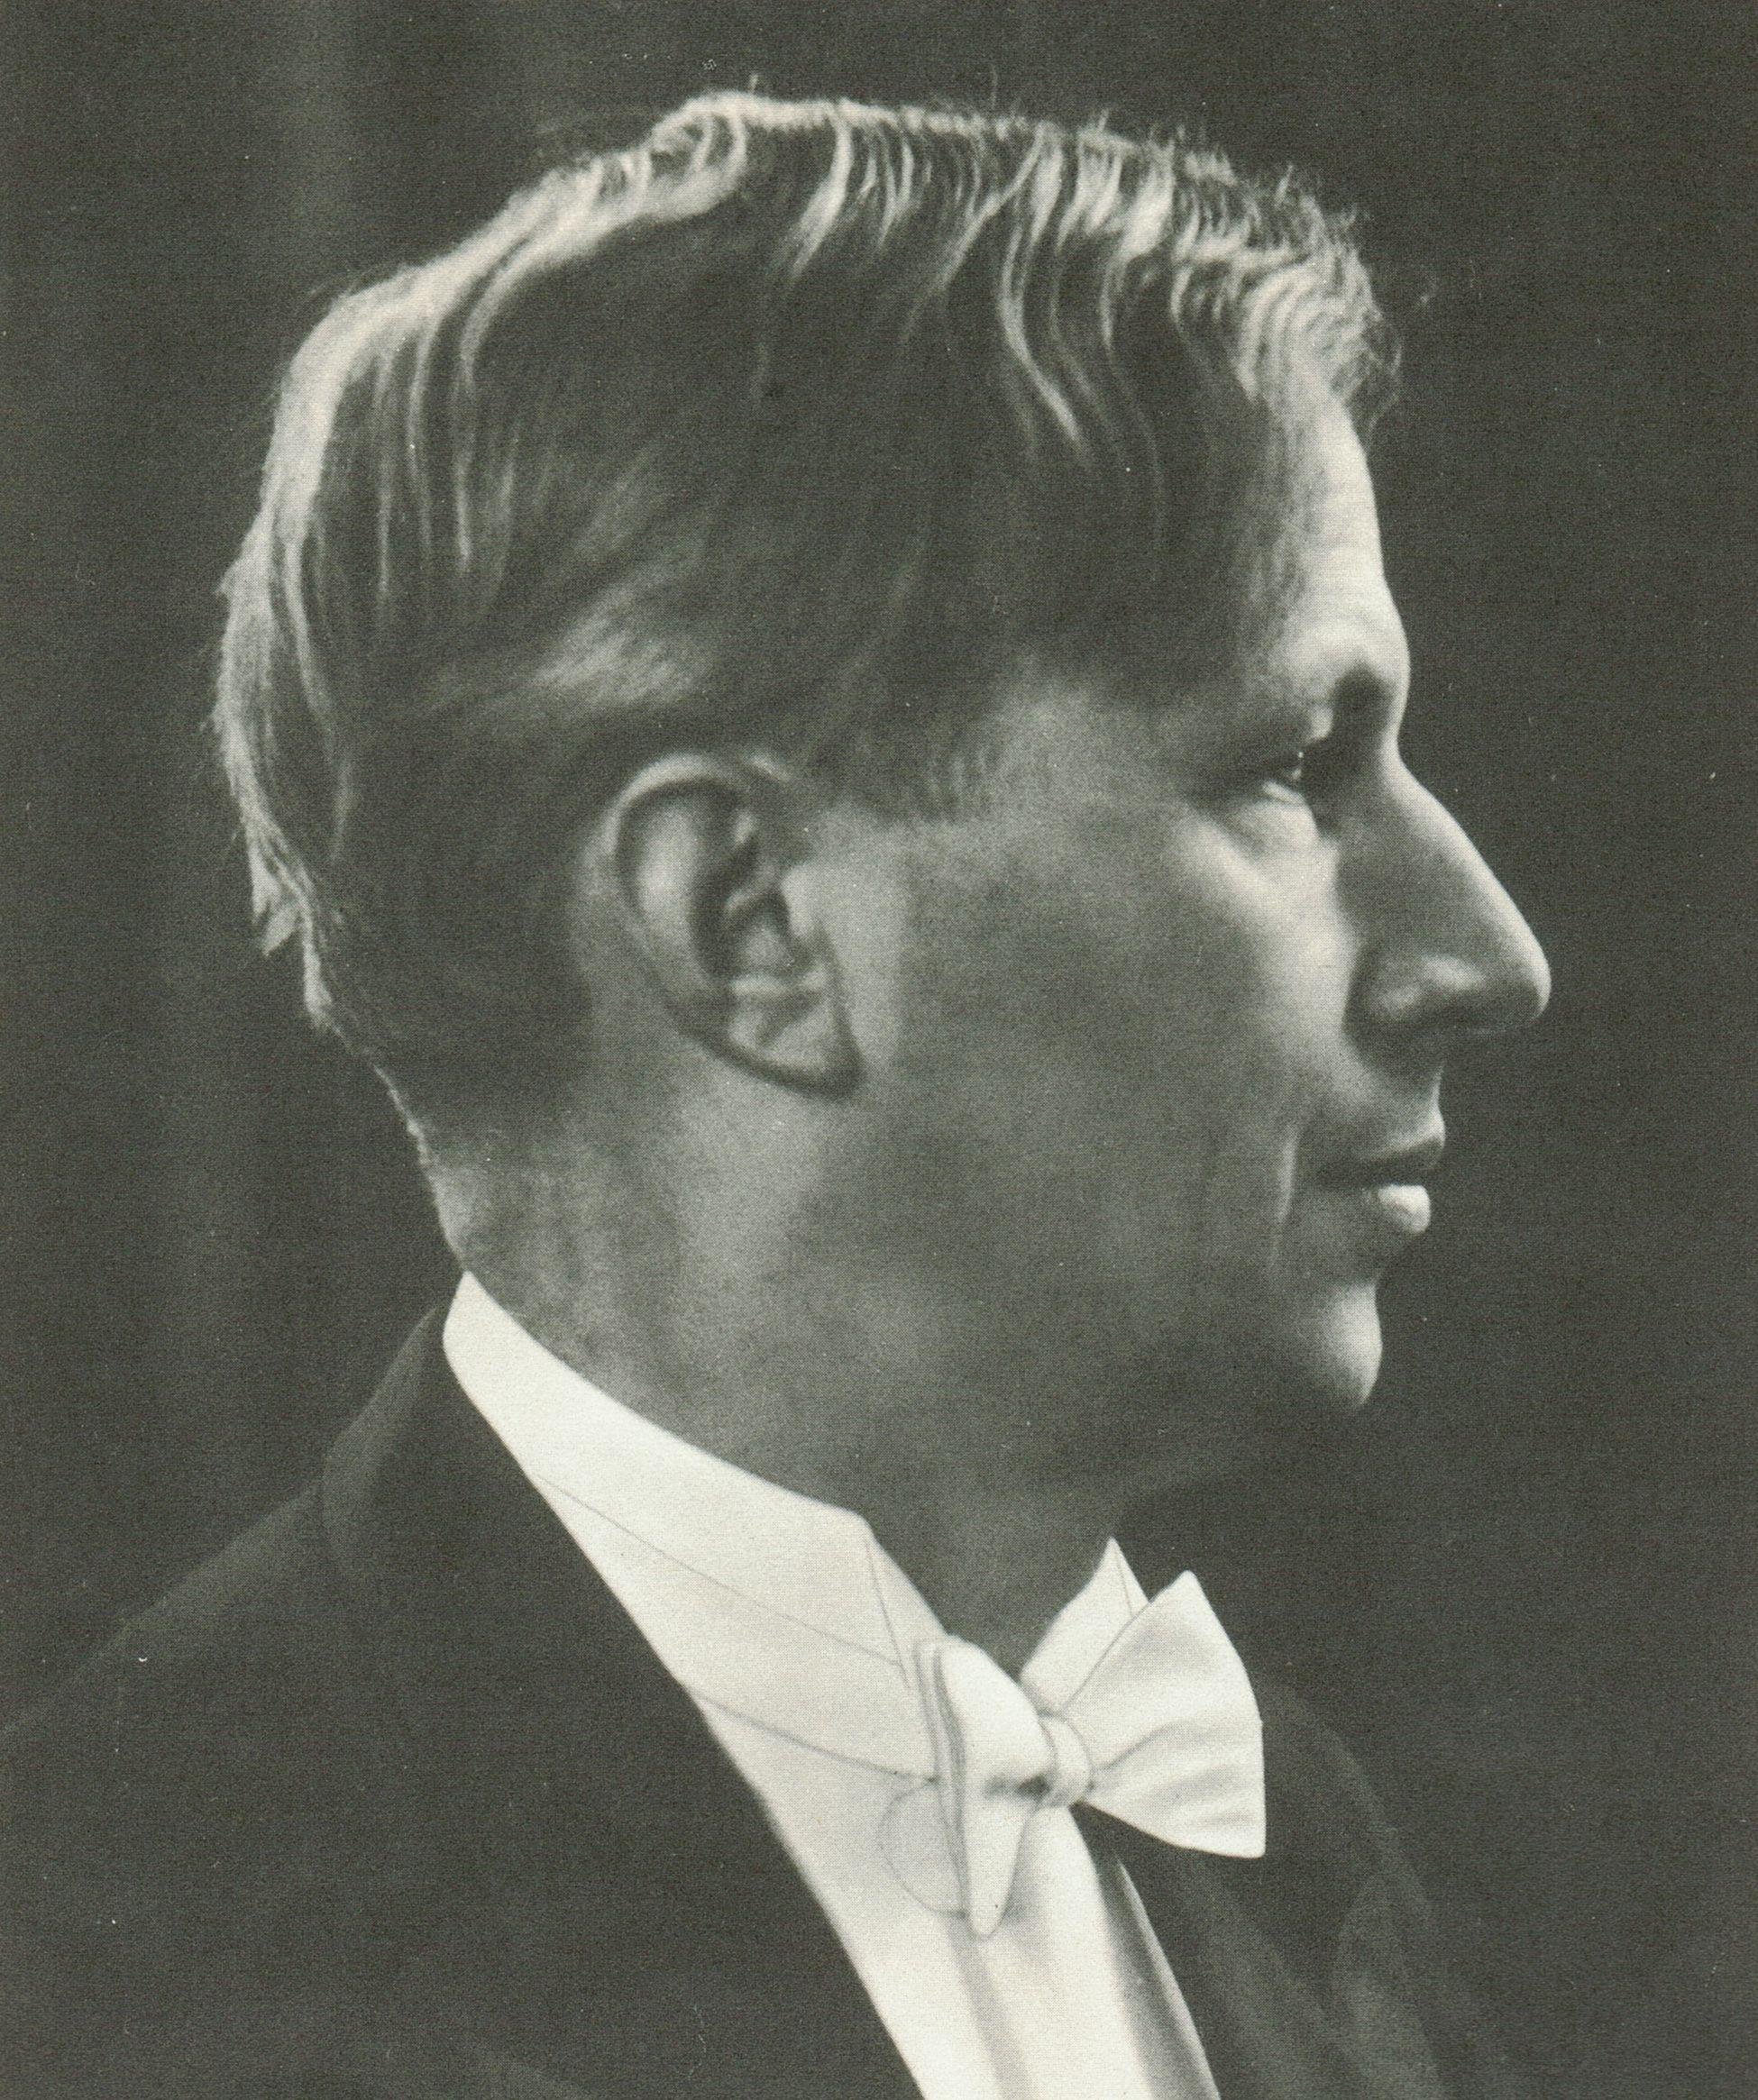 August WENZINGER, un portrait fait par Joan BASTANIER, Bremen, probablement fin des années 1950, publié entre autres dans le coffret DG Archive Production APM 14057, cliquer pour une vue agrandie